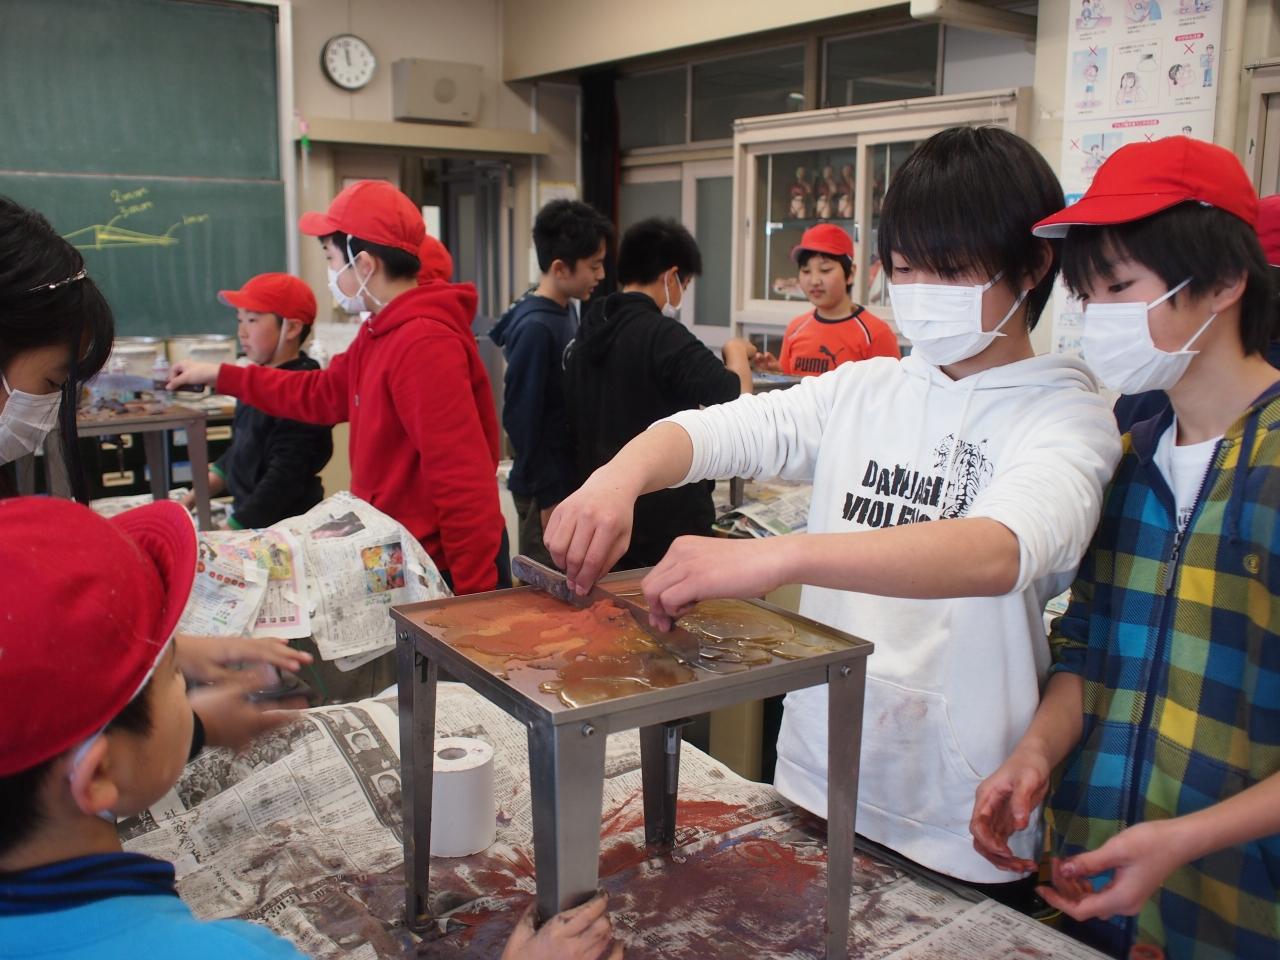 東海大学の学生 火山水槽実験の実習イメージ